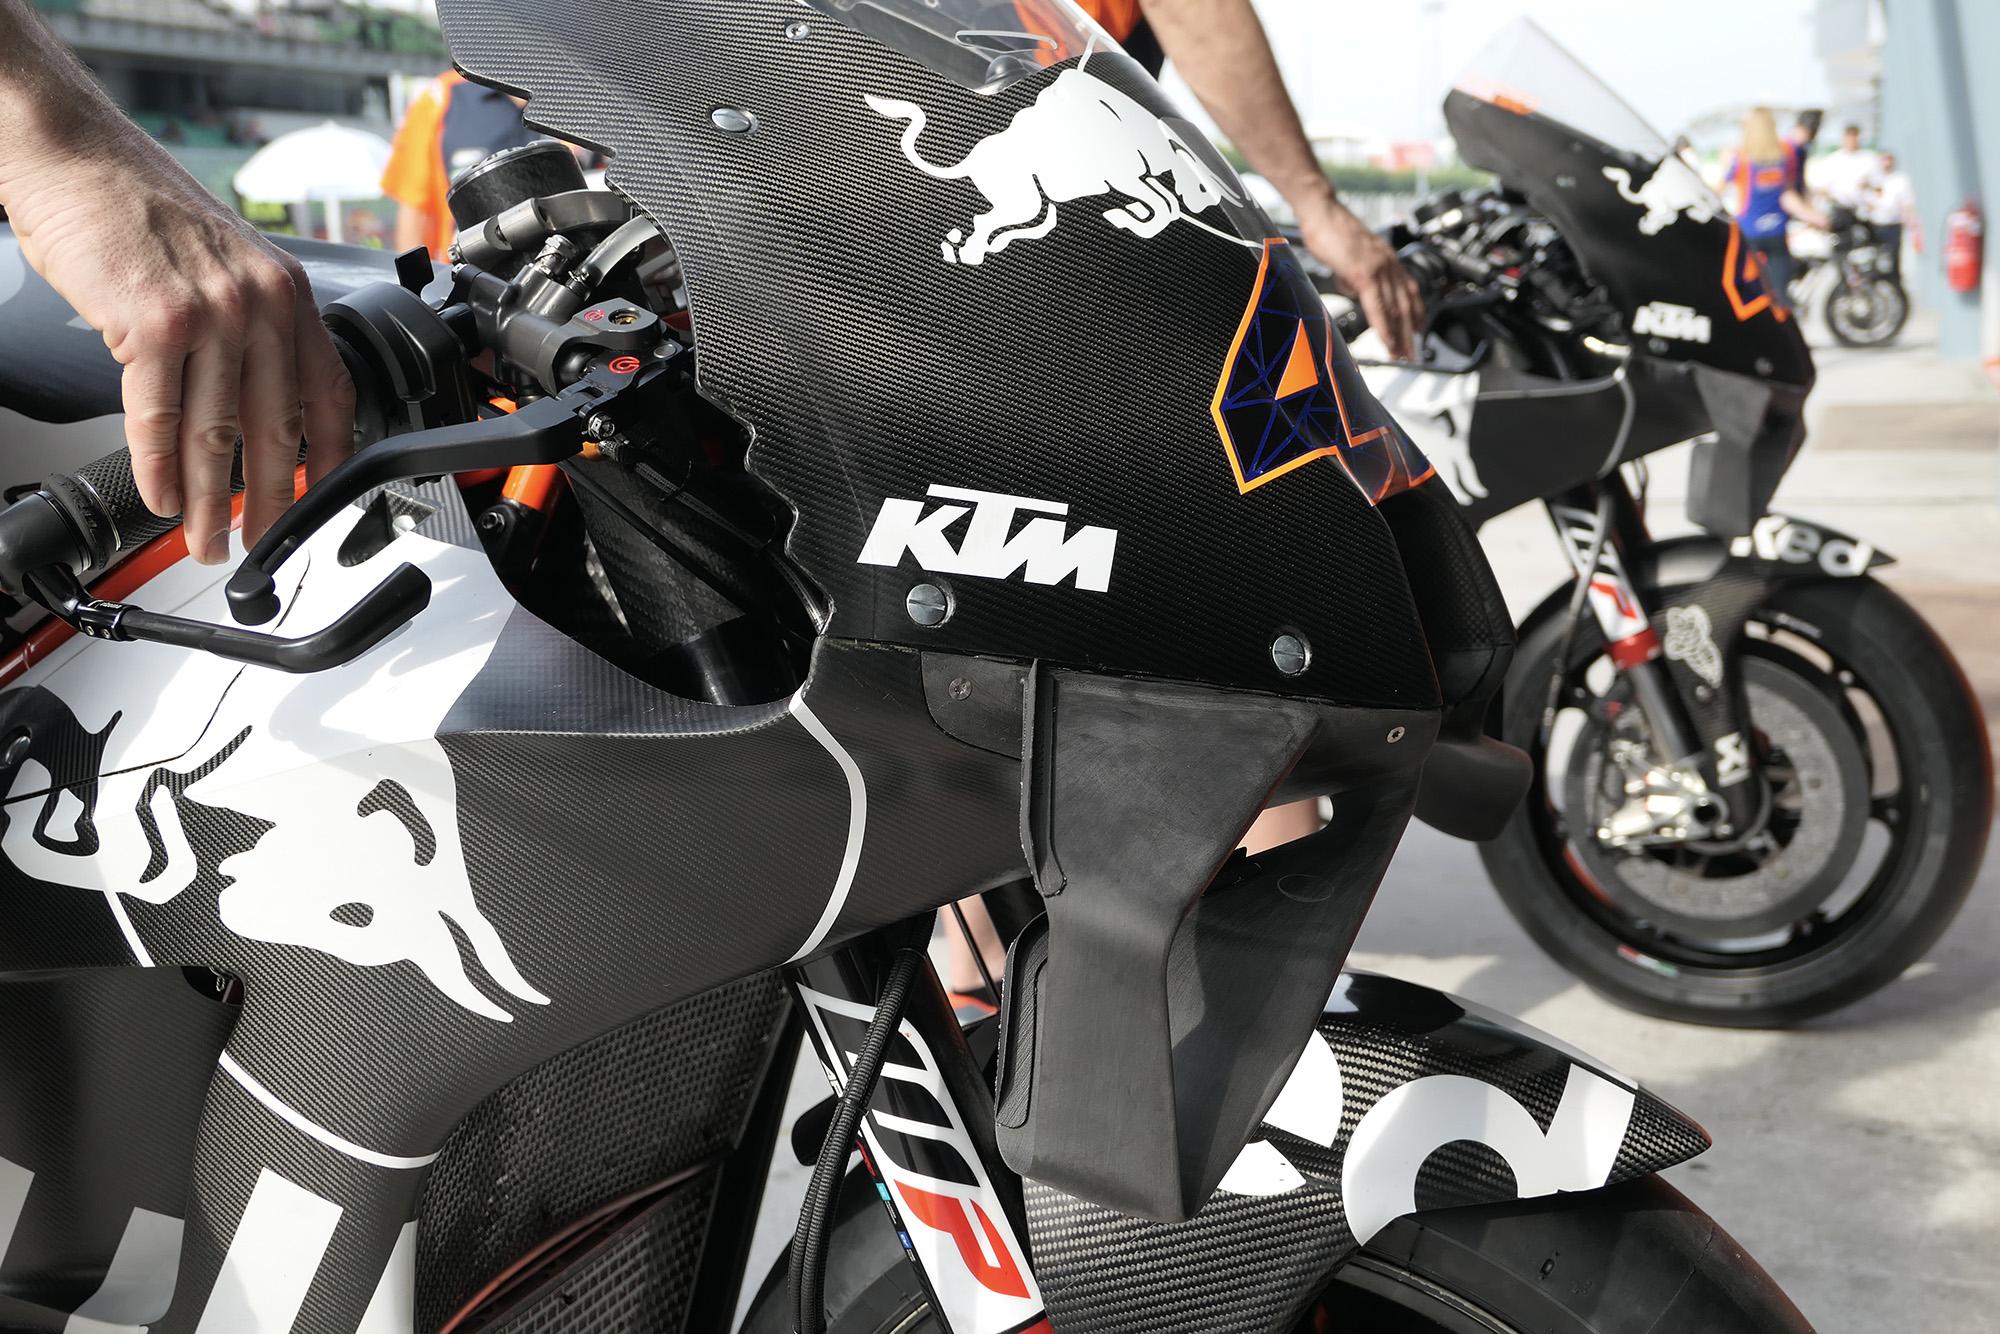 Front detail of Pol Esparagaro's KTM in 2020 MotoGP Sepanf testing